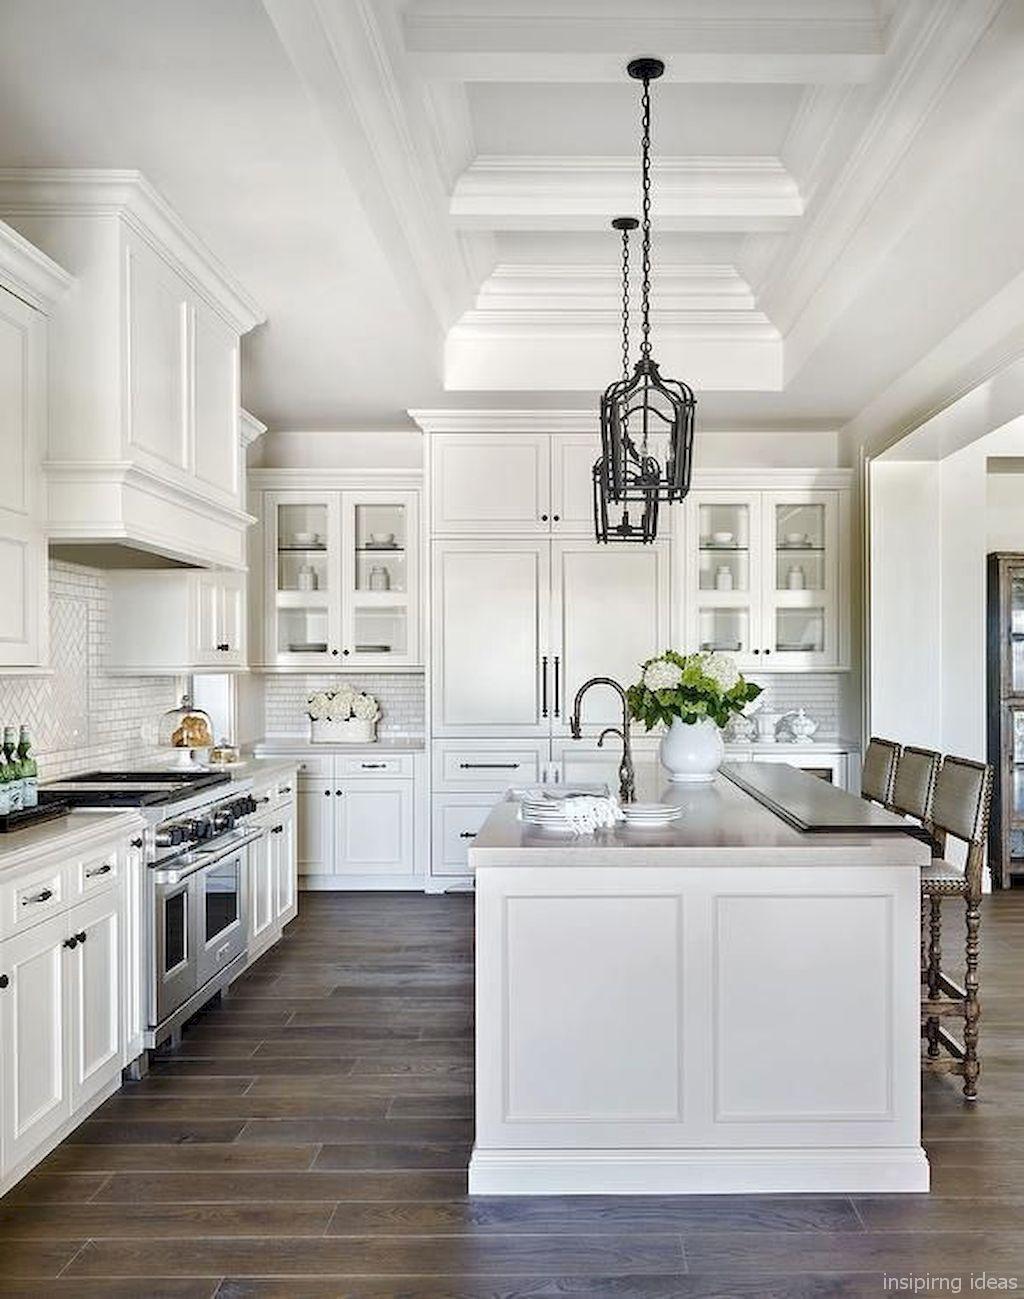 Amazing Farmhouse Kitchen Cabinets Ideas 13 Amazing